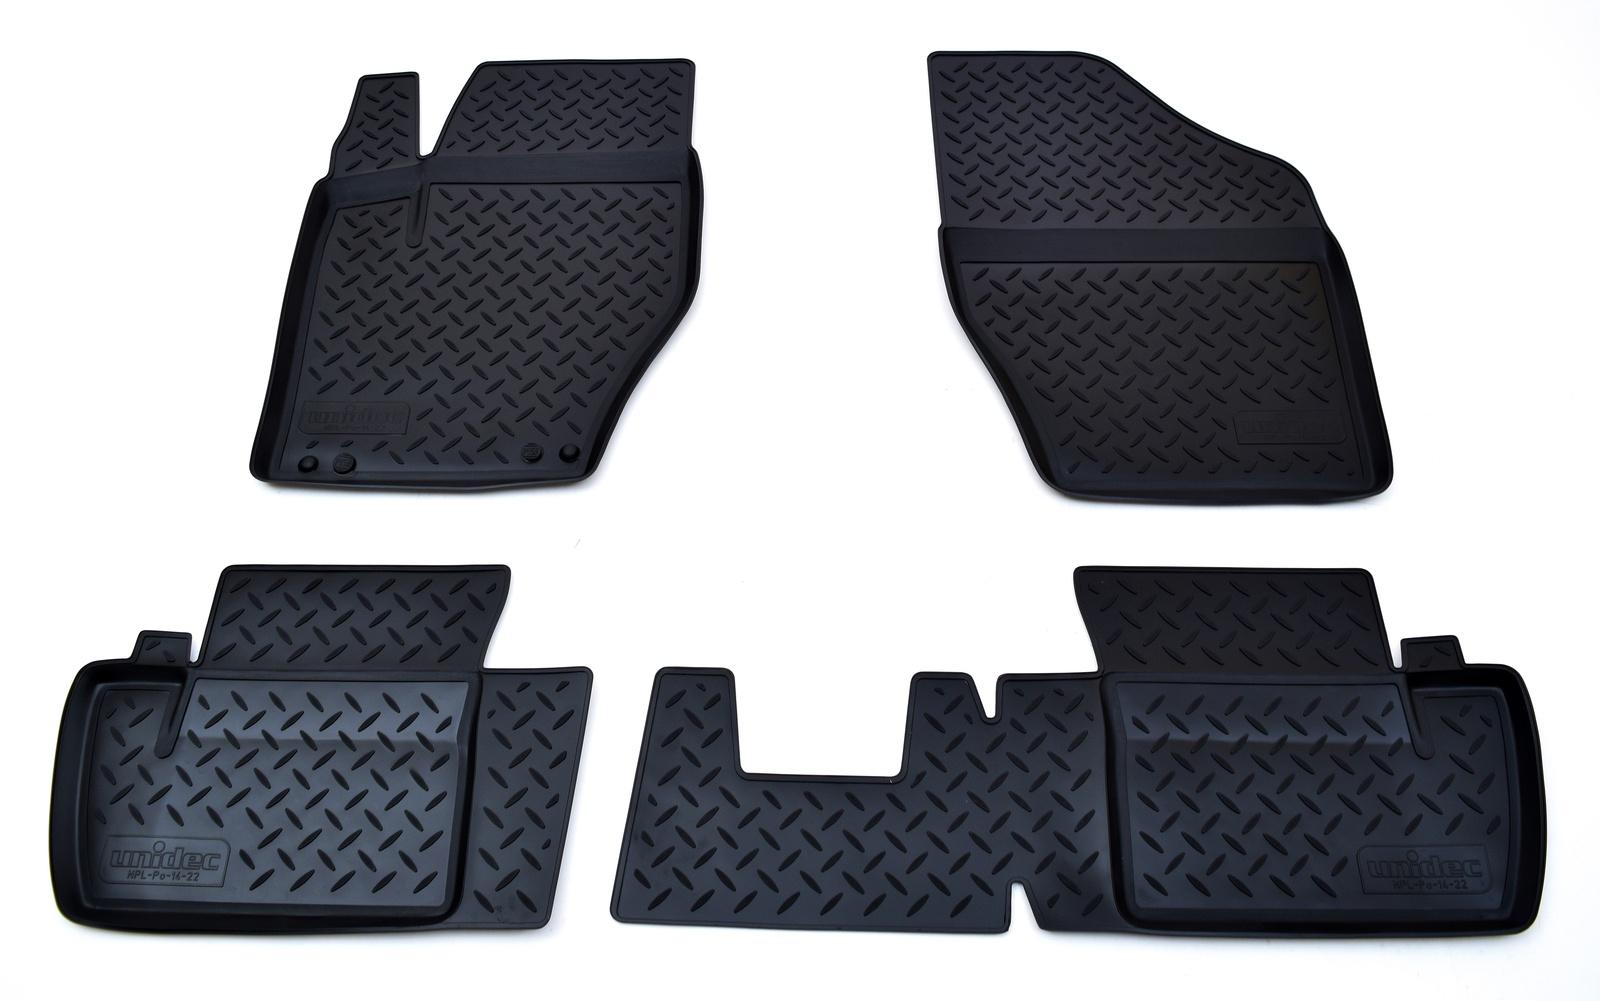 Коврики в салон Norplast для Citroen C4 N 2010, NPL-Po-14-22, черный все цены